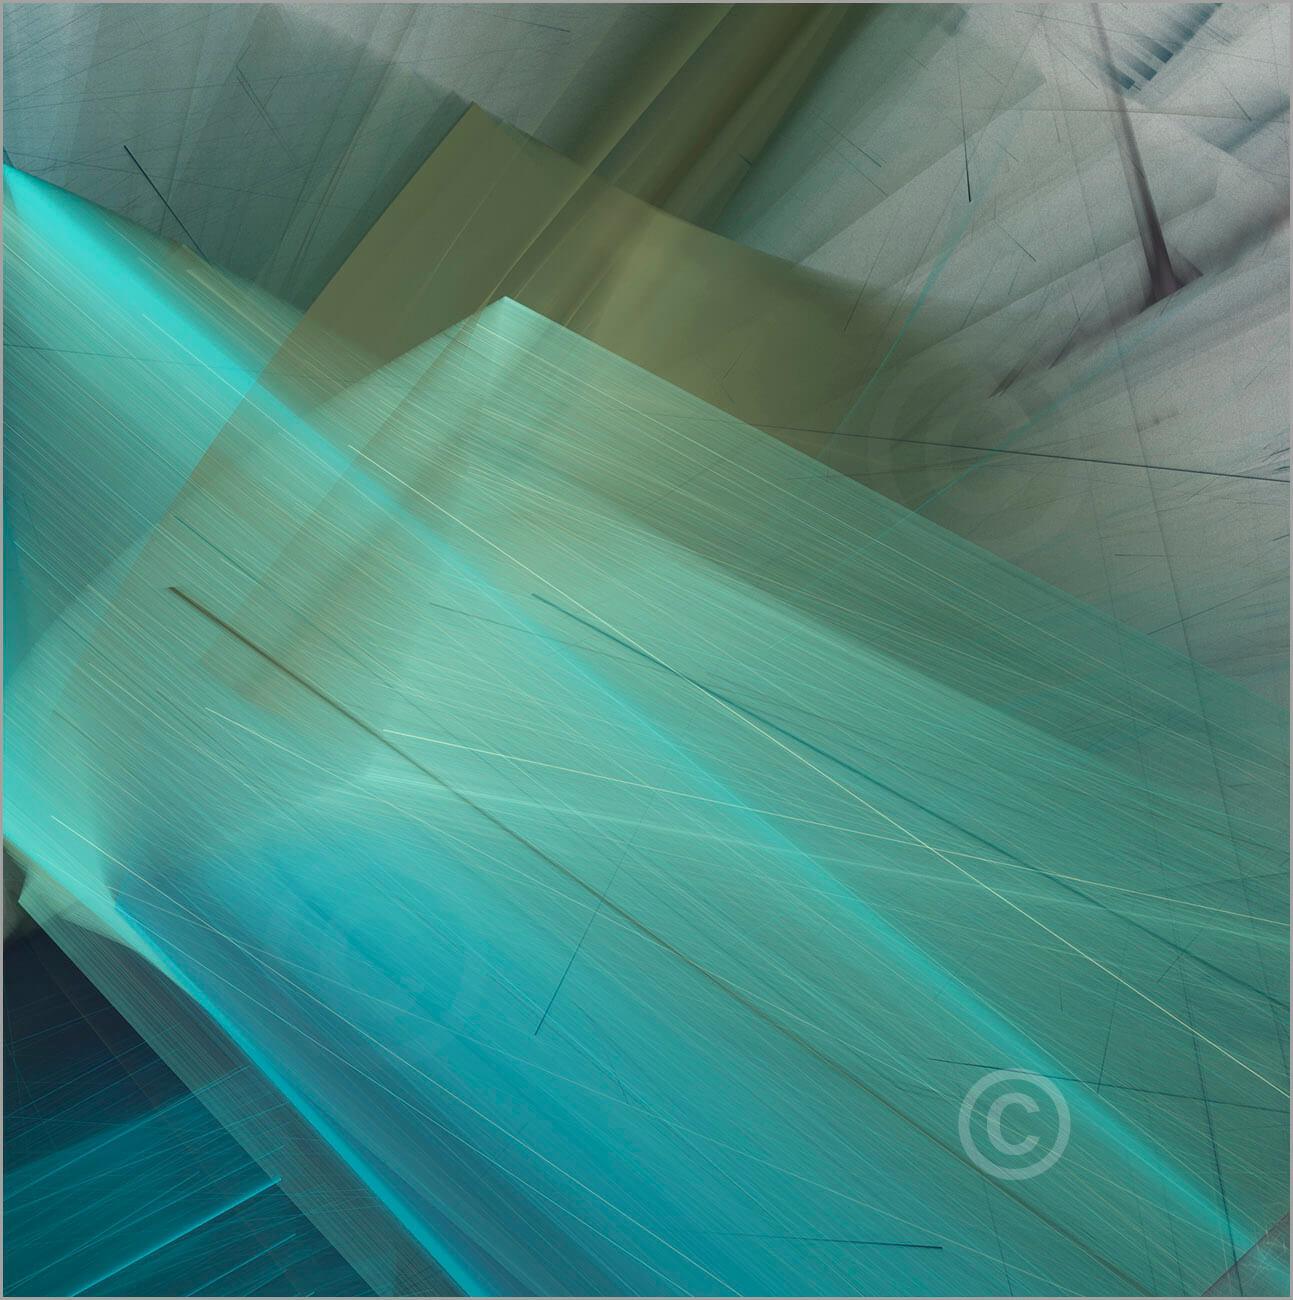 Shapes_F2_9970_M